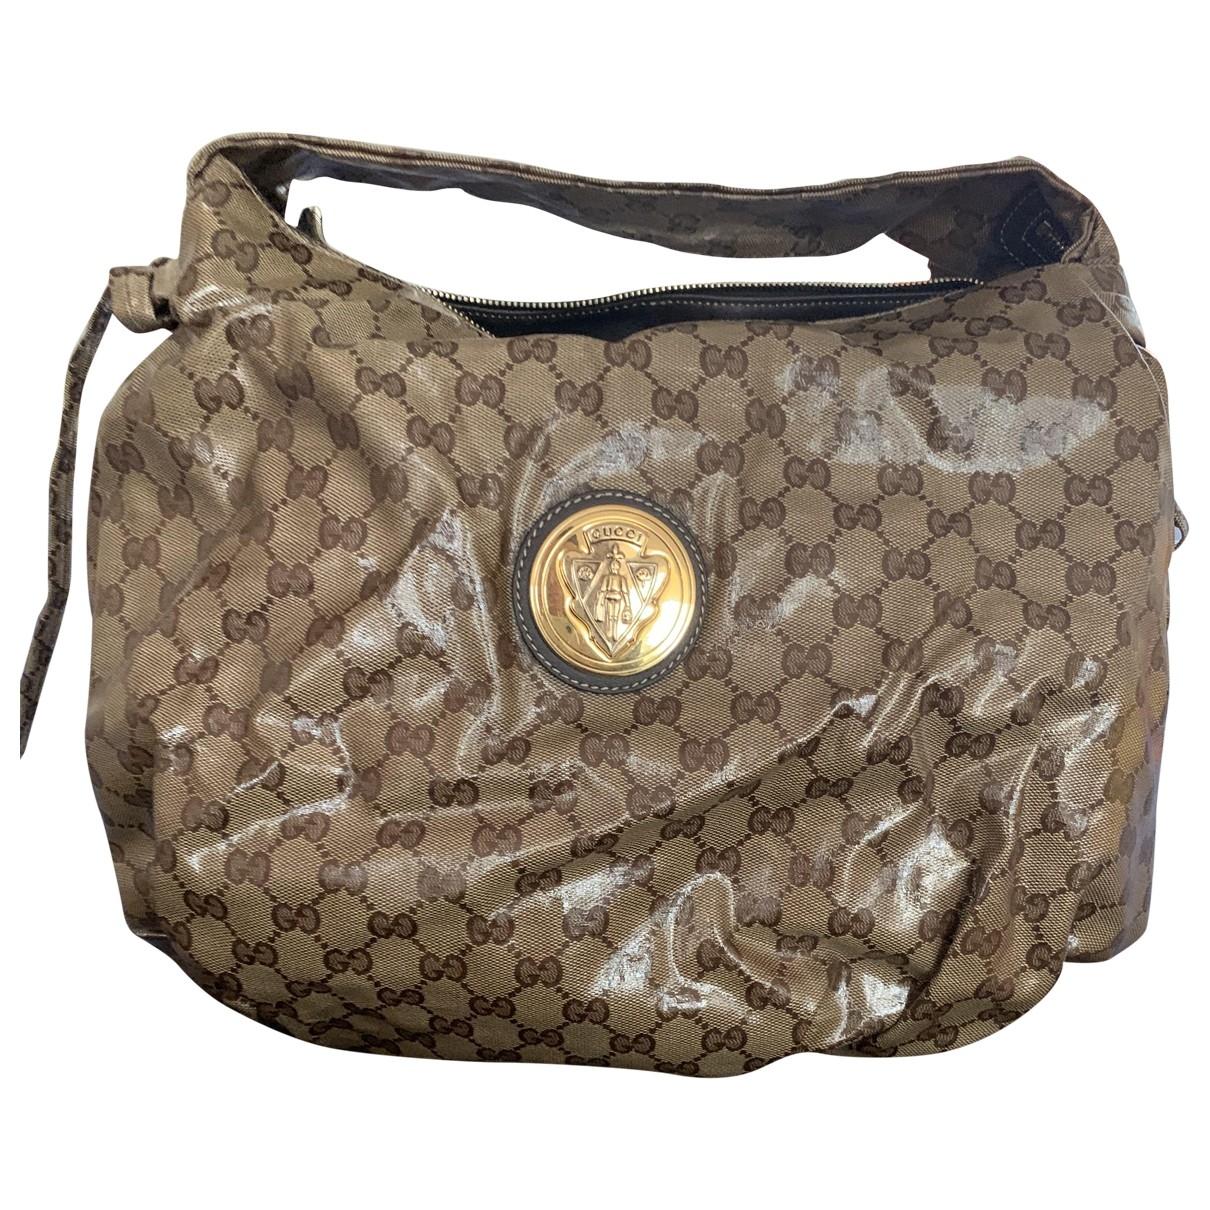 Gucci - Sac a main Hysteria pour femme en toile - beige